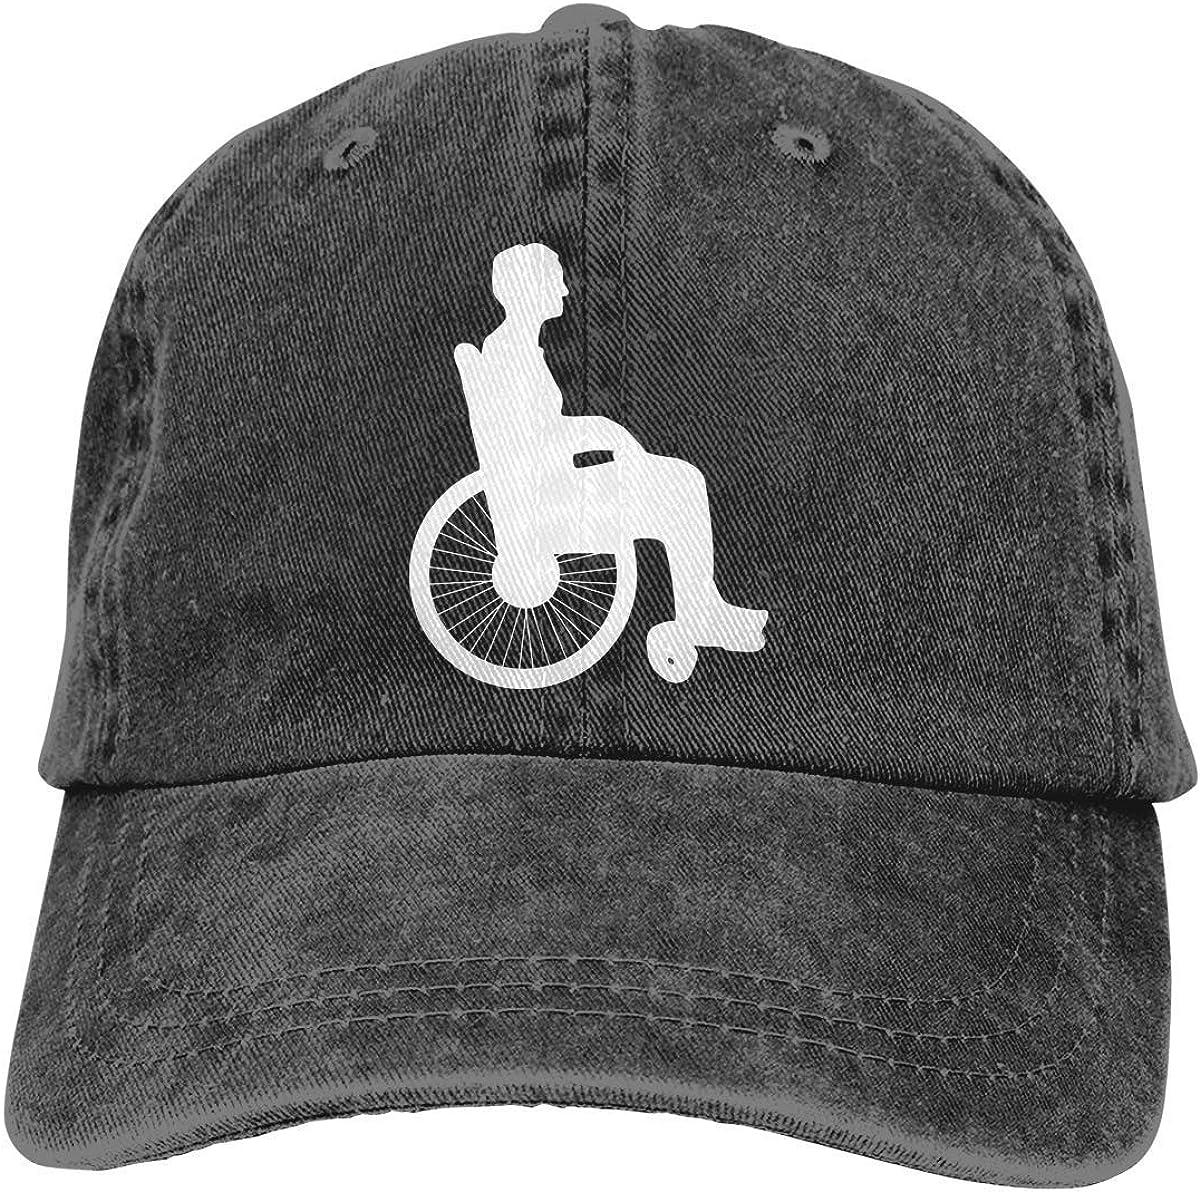 Sombrero de Hip Hop de Fitness, Gorra de cráneo de Secado rápido, Gorra de Viaje Que Absorbe la Humedad, Gorra de béisbol de Jeanet de Silueta de Silla de Ruedas Gorra de béisbol Ajustable